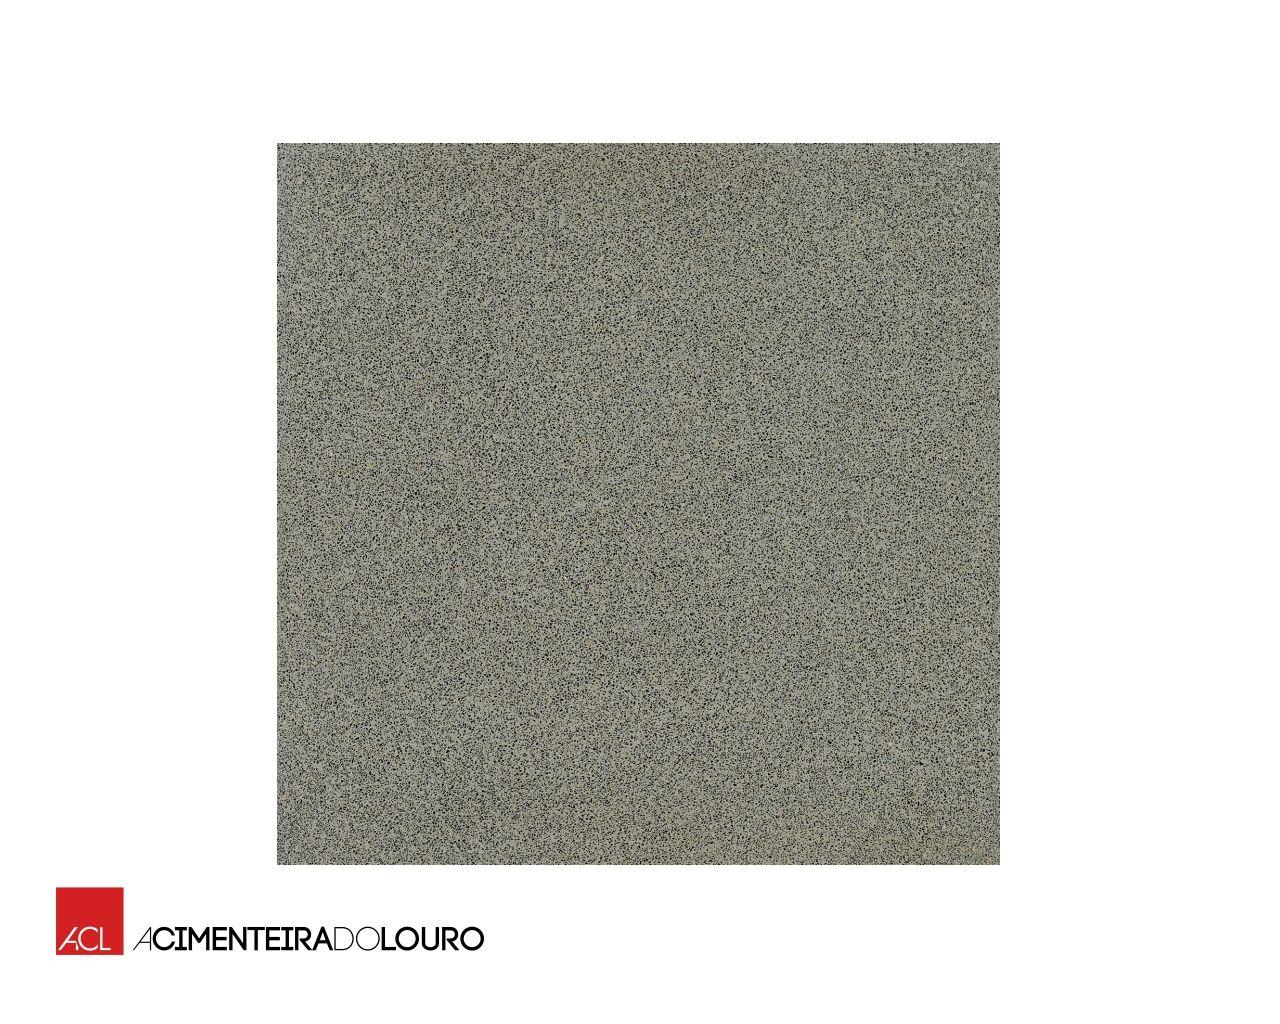 Pavimento De Betão Marmocim Polido Concrete Flooring Marmocim Polished Betão Pavimento Revestimento